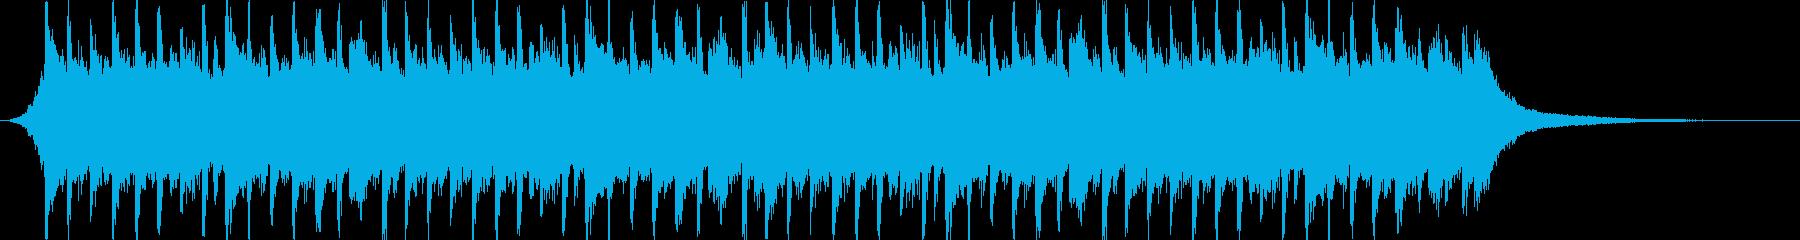 企業VP系113、爽やかギター4つ打ちcの再生済みの波形